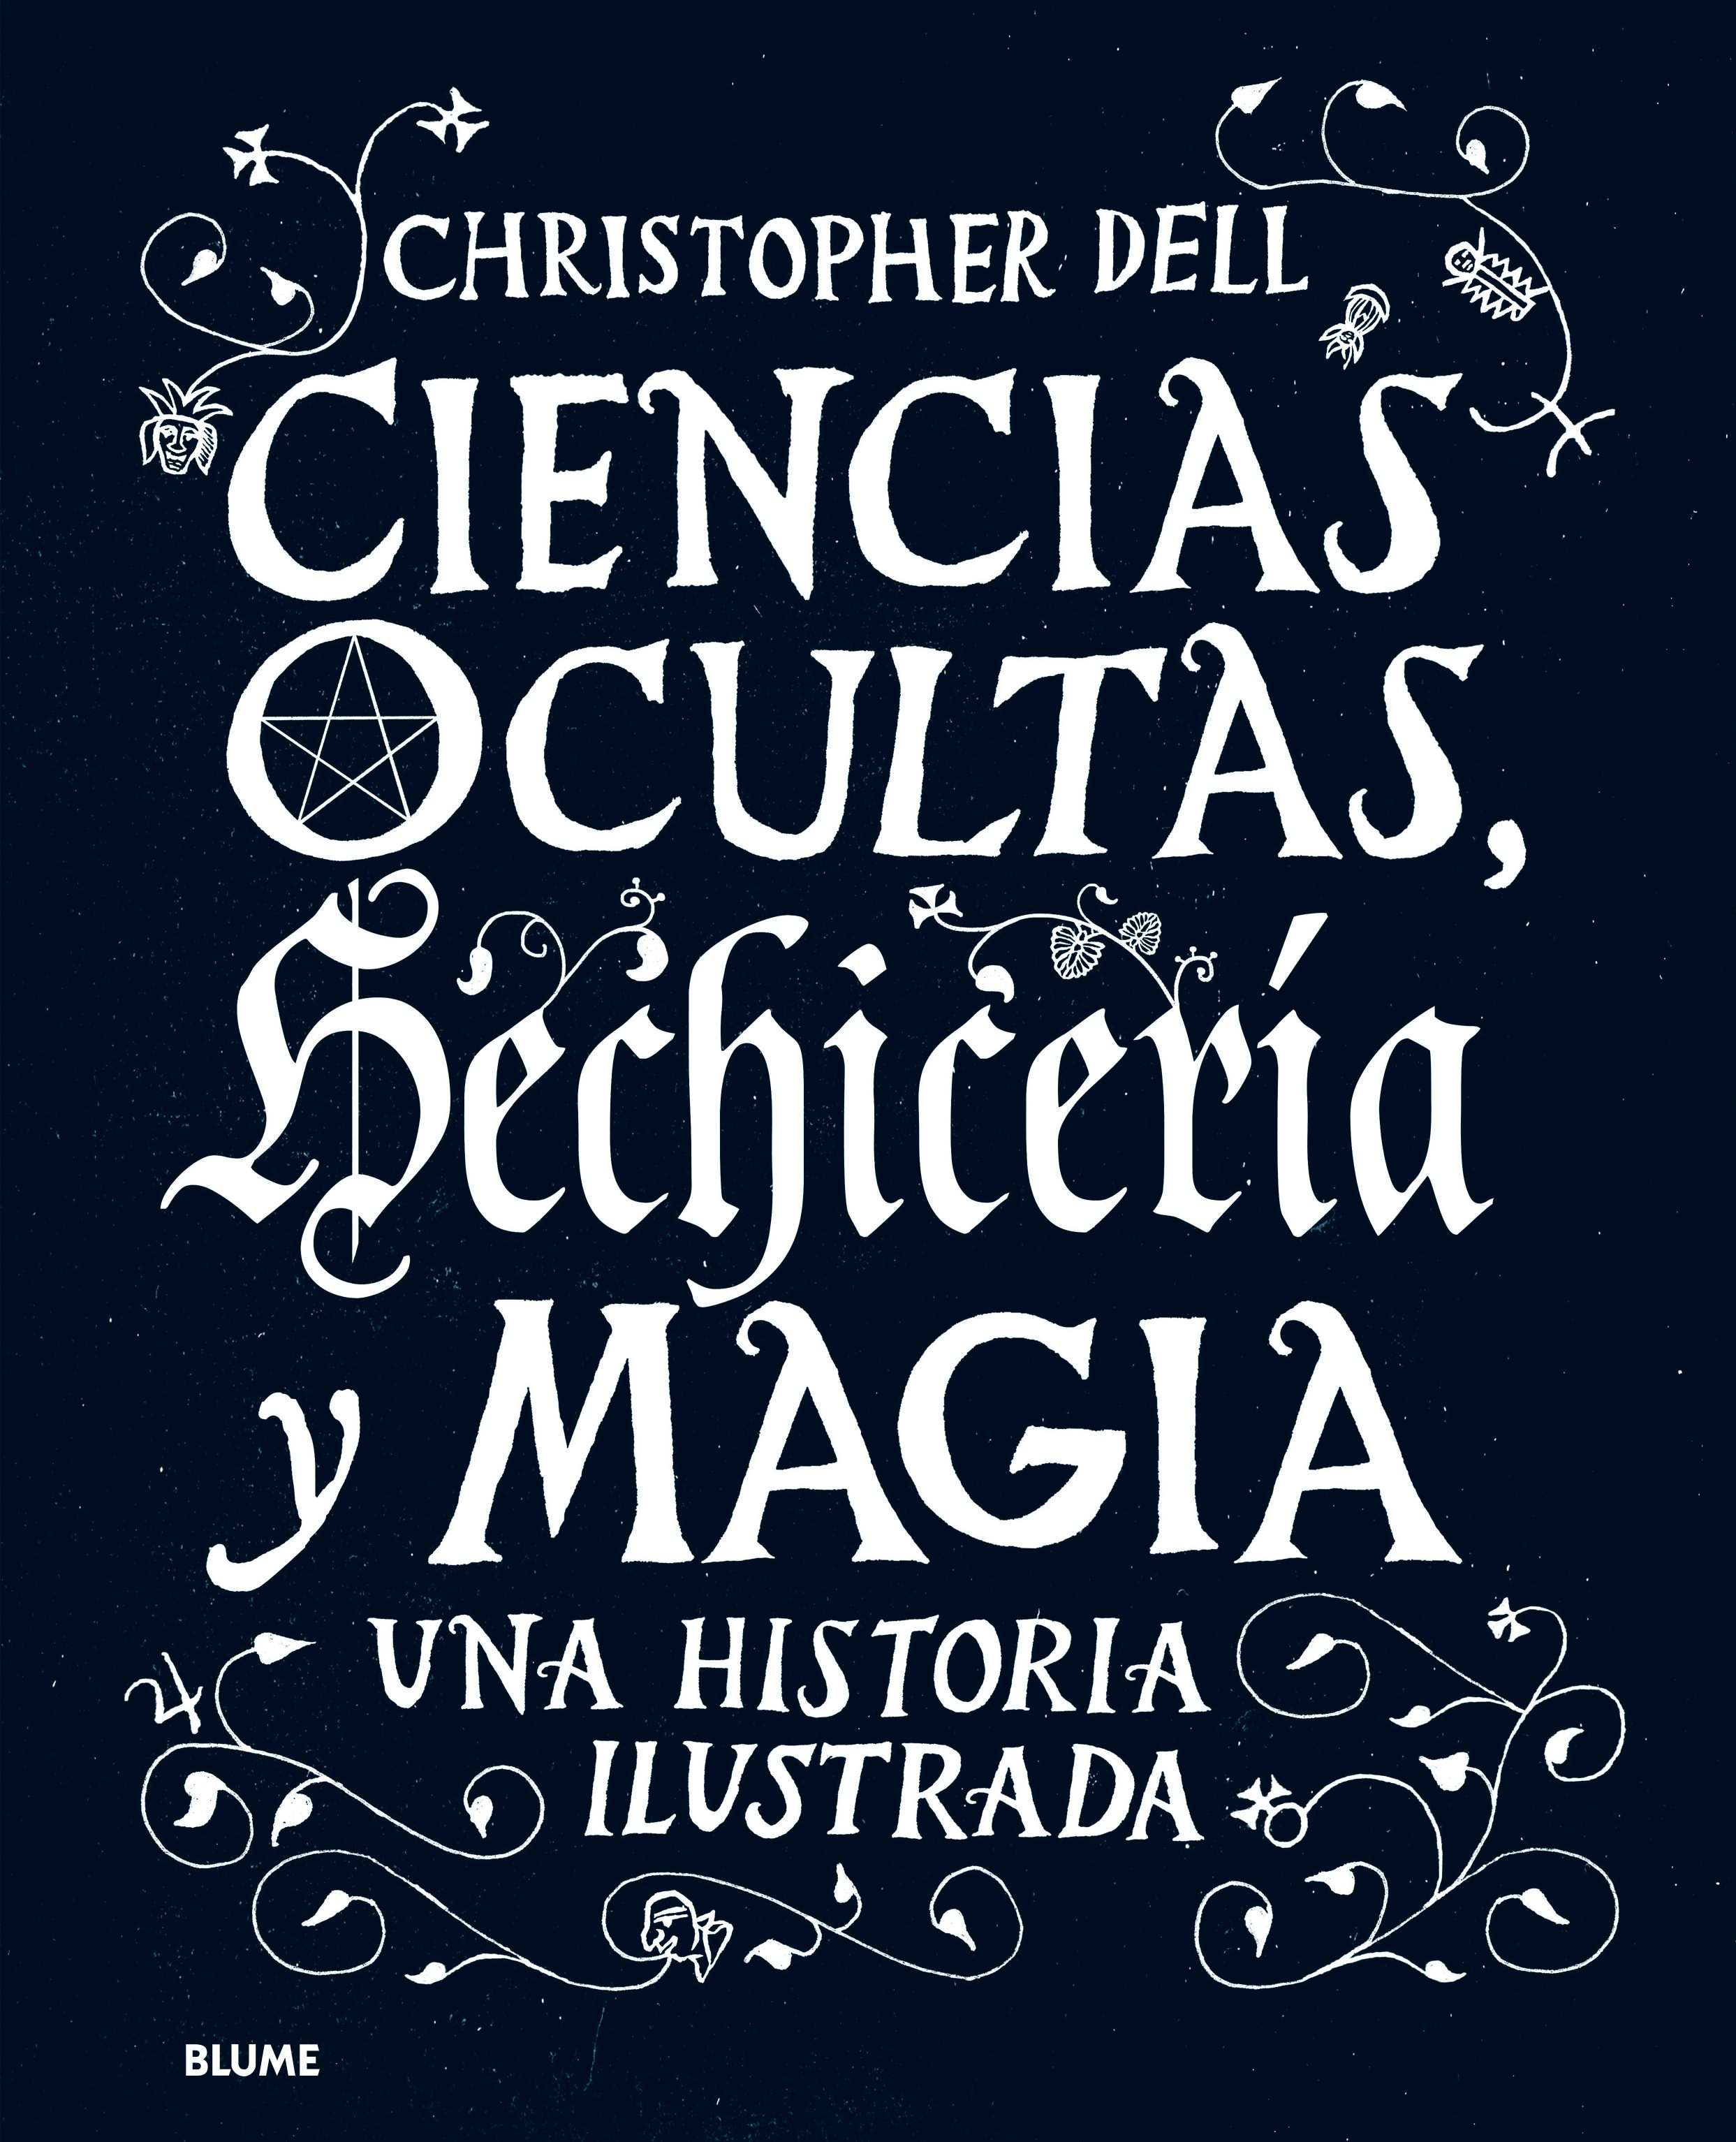 Ciencias Ocultas, Hechiceria Y Magia: Una Histoira Ilustrada por Christopher Dell epub